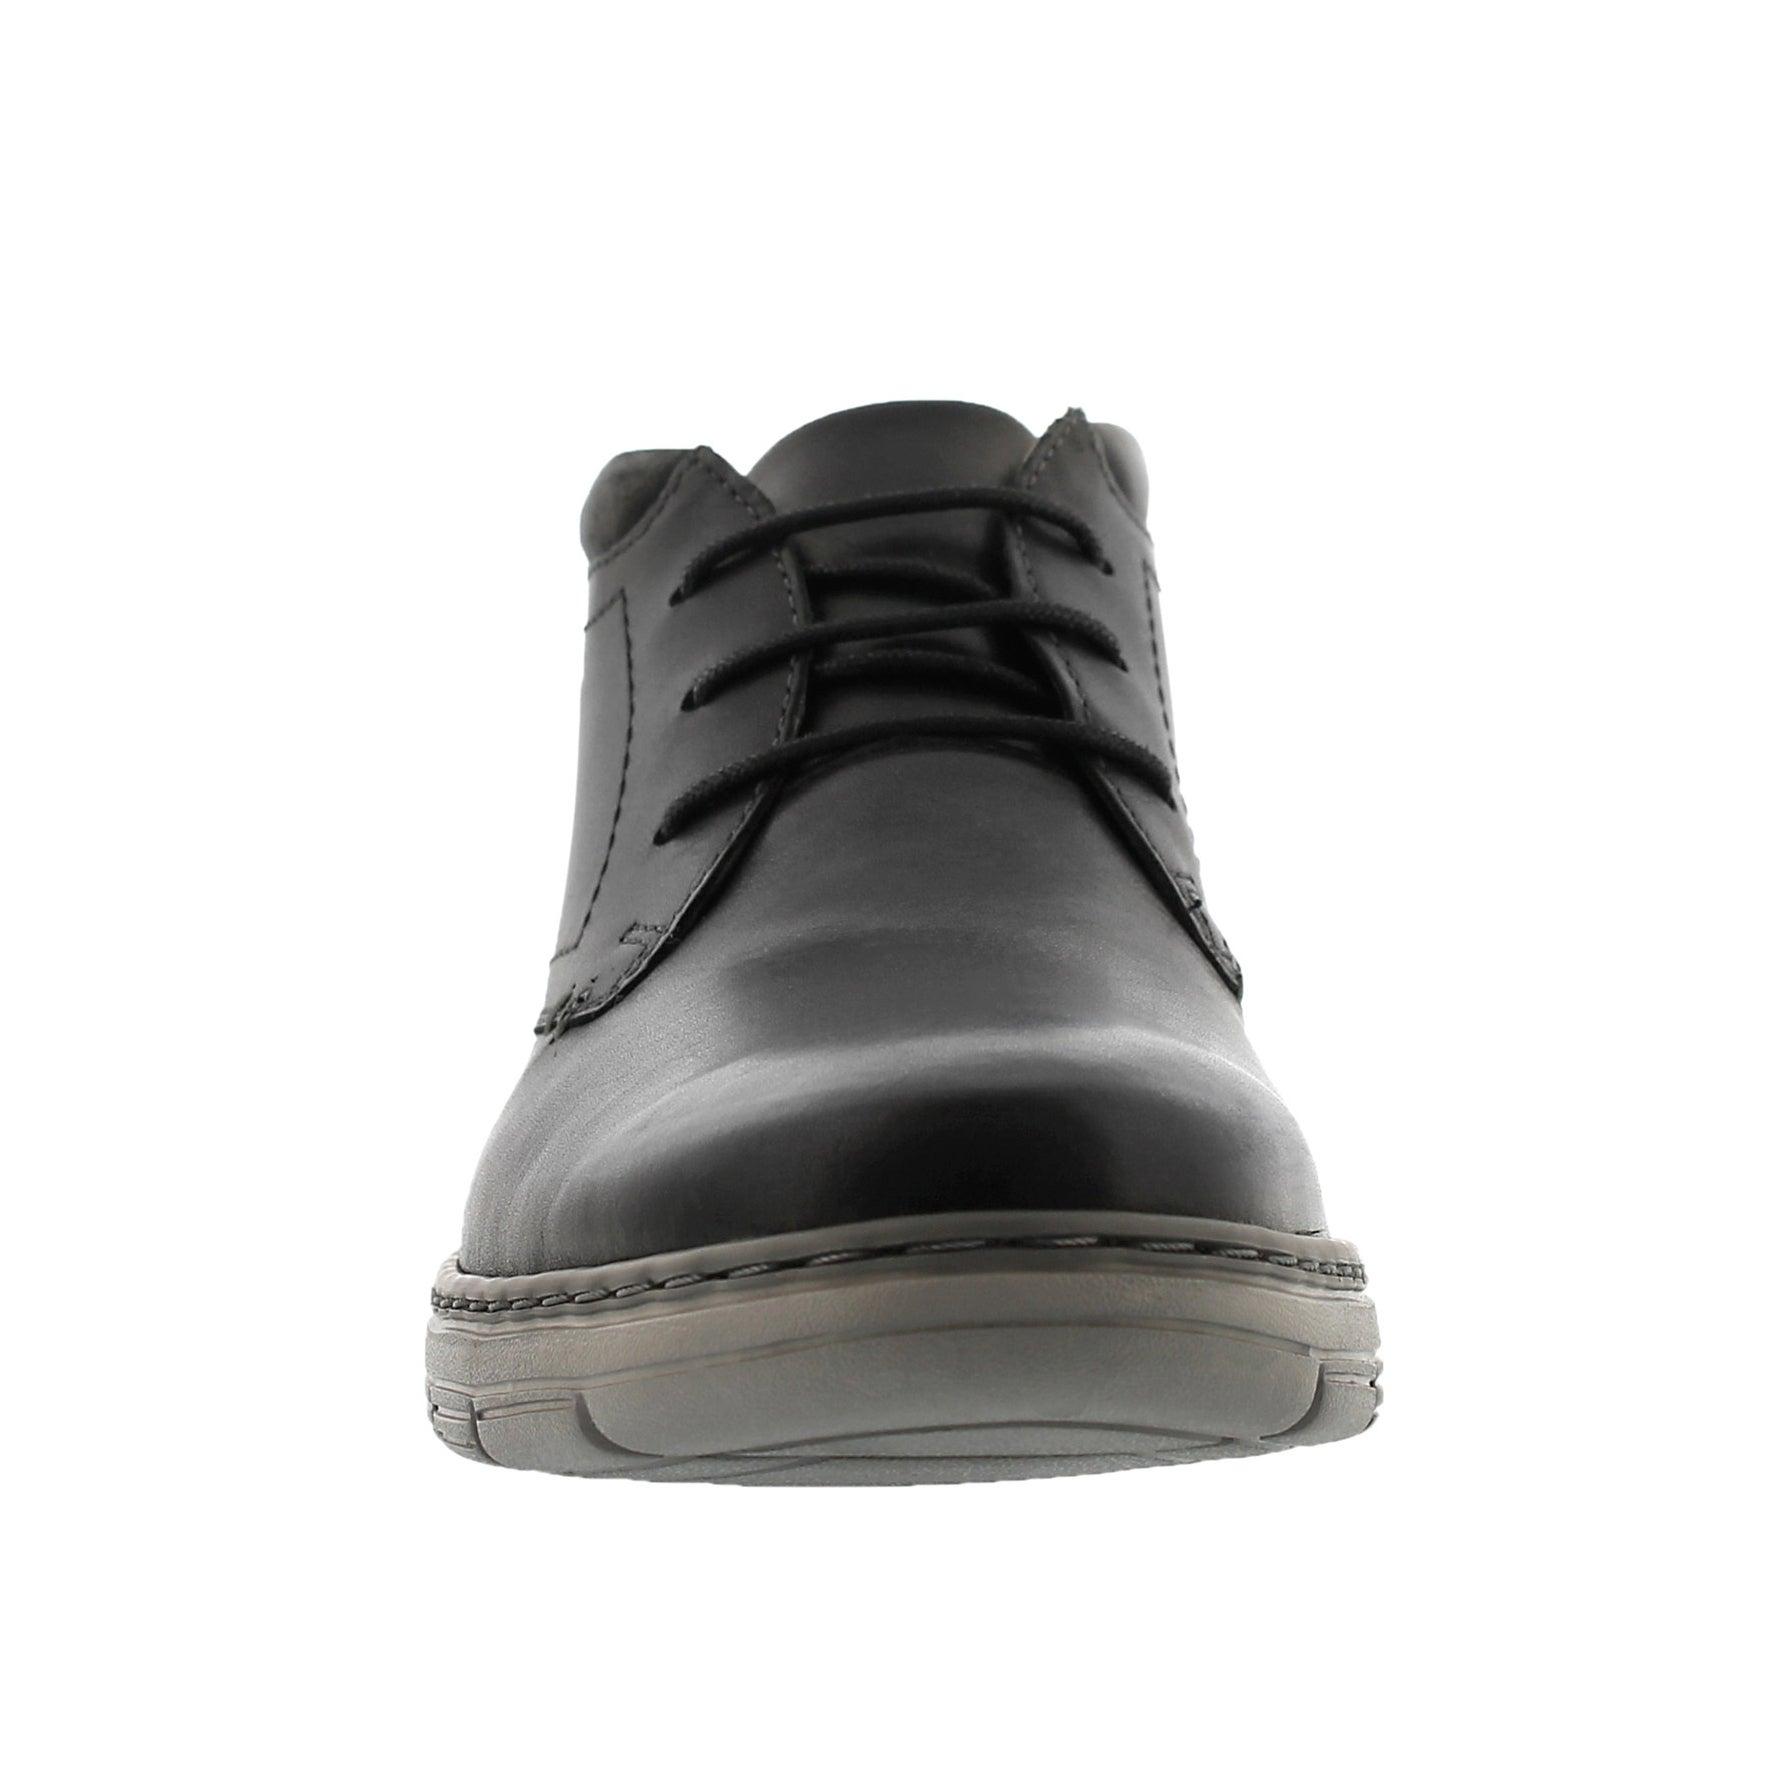 Mns Watts Mid black chukka boot